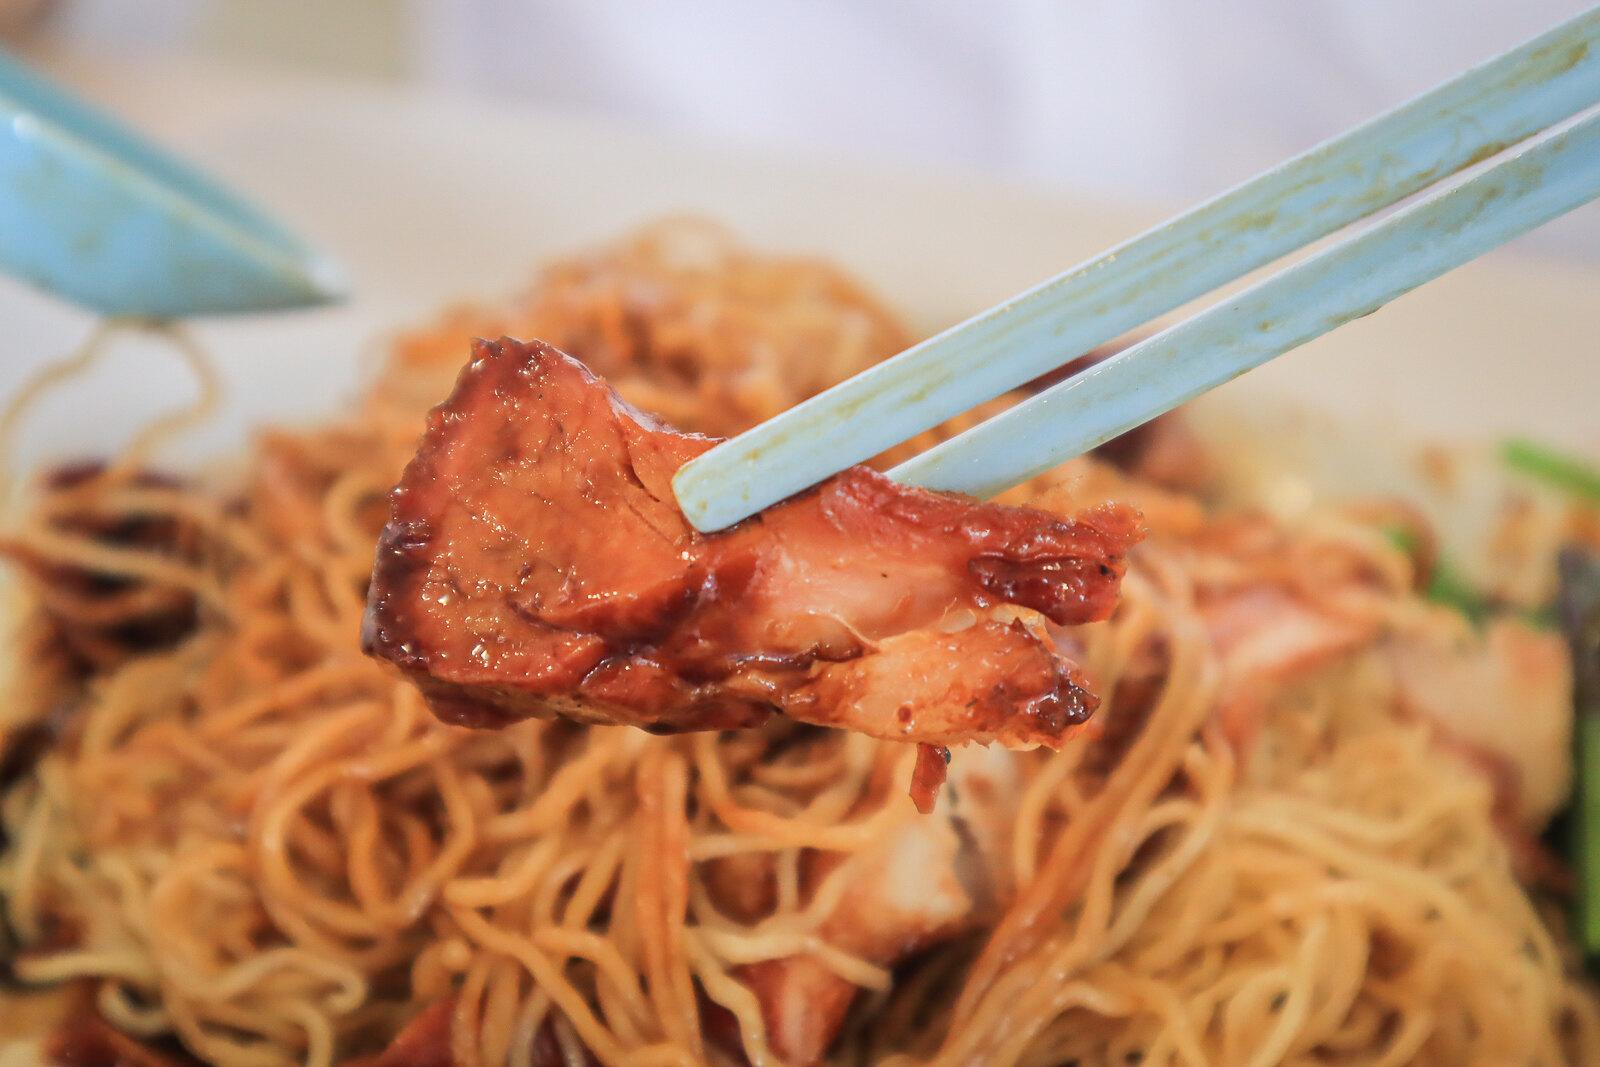 fei zai xiang shao la wanton mee char siew